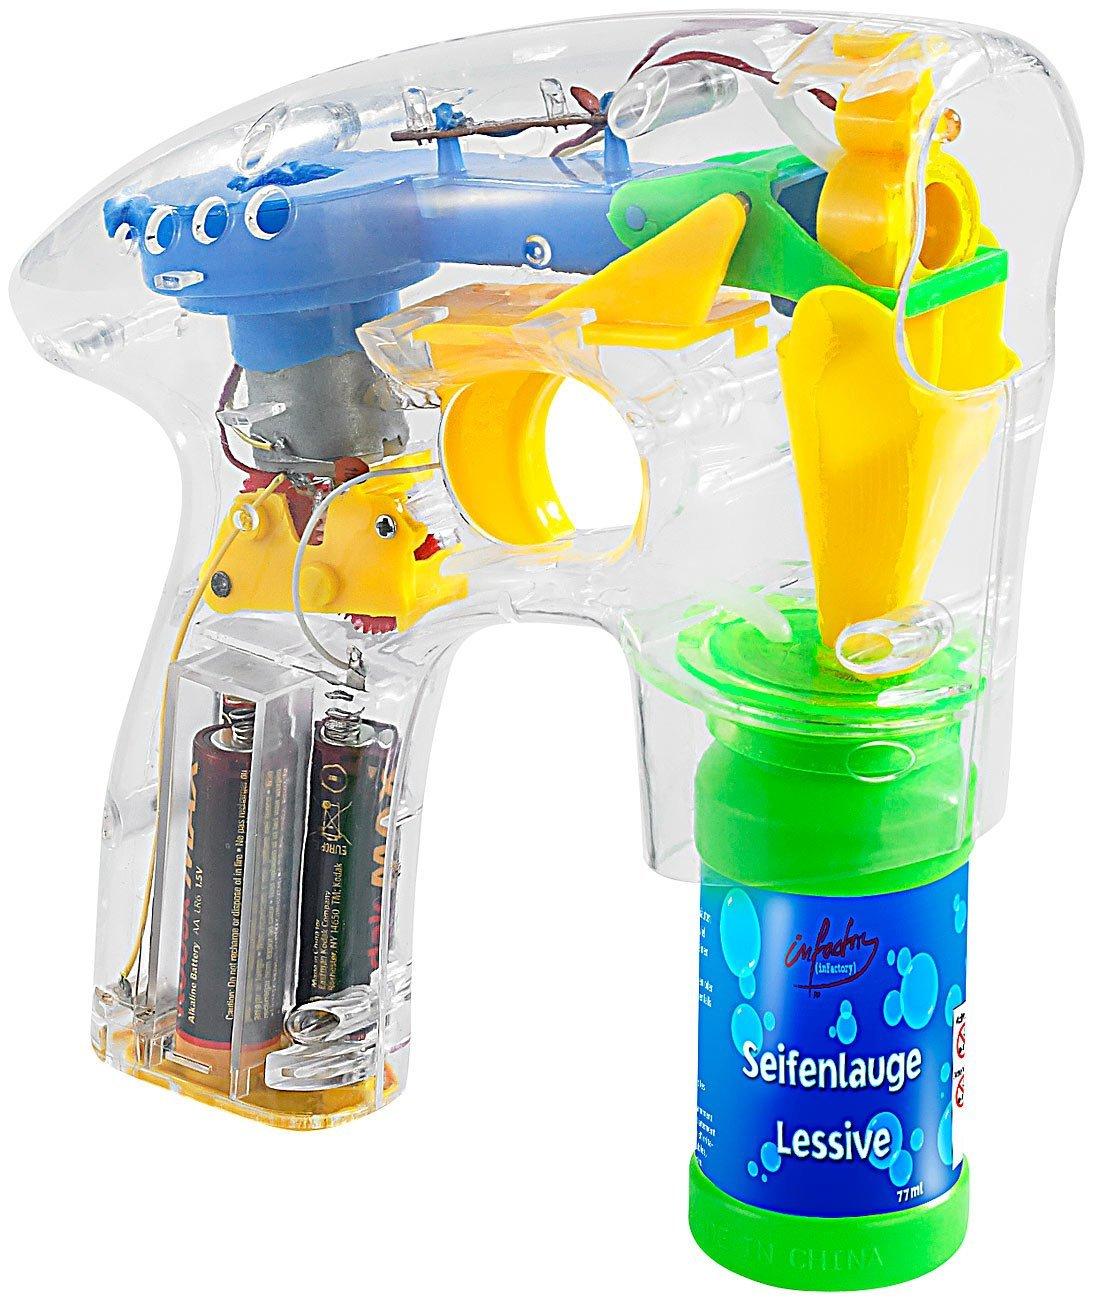 Beleuchtete Seifenblasen Pistole